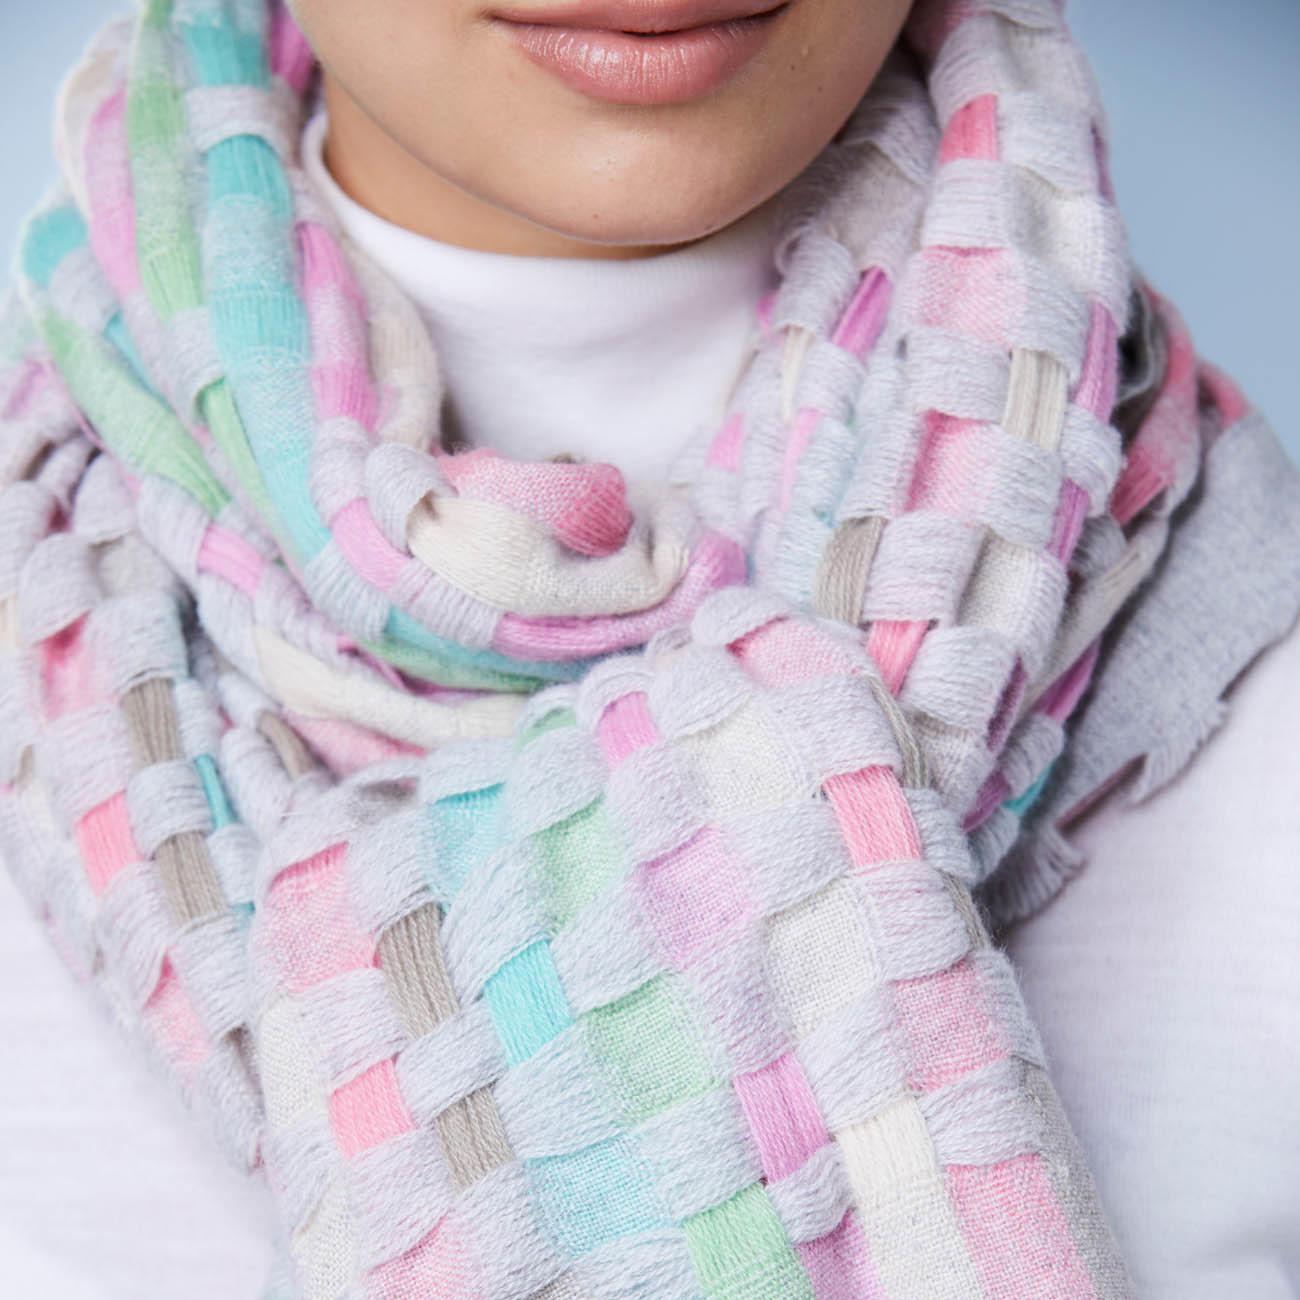 Écharpe en cachemire Heartbreaker à 7 couleurs - Un accessoire exceptionnel    l écharpe en cachemire à 7 couleurs. Tissée à la main au Népal. 58619f6b4fd